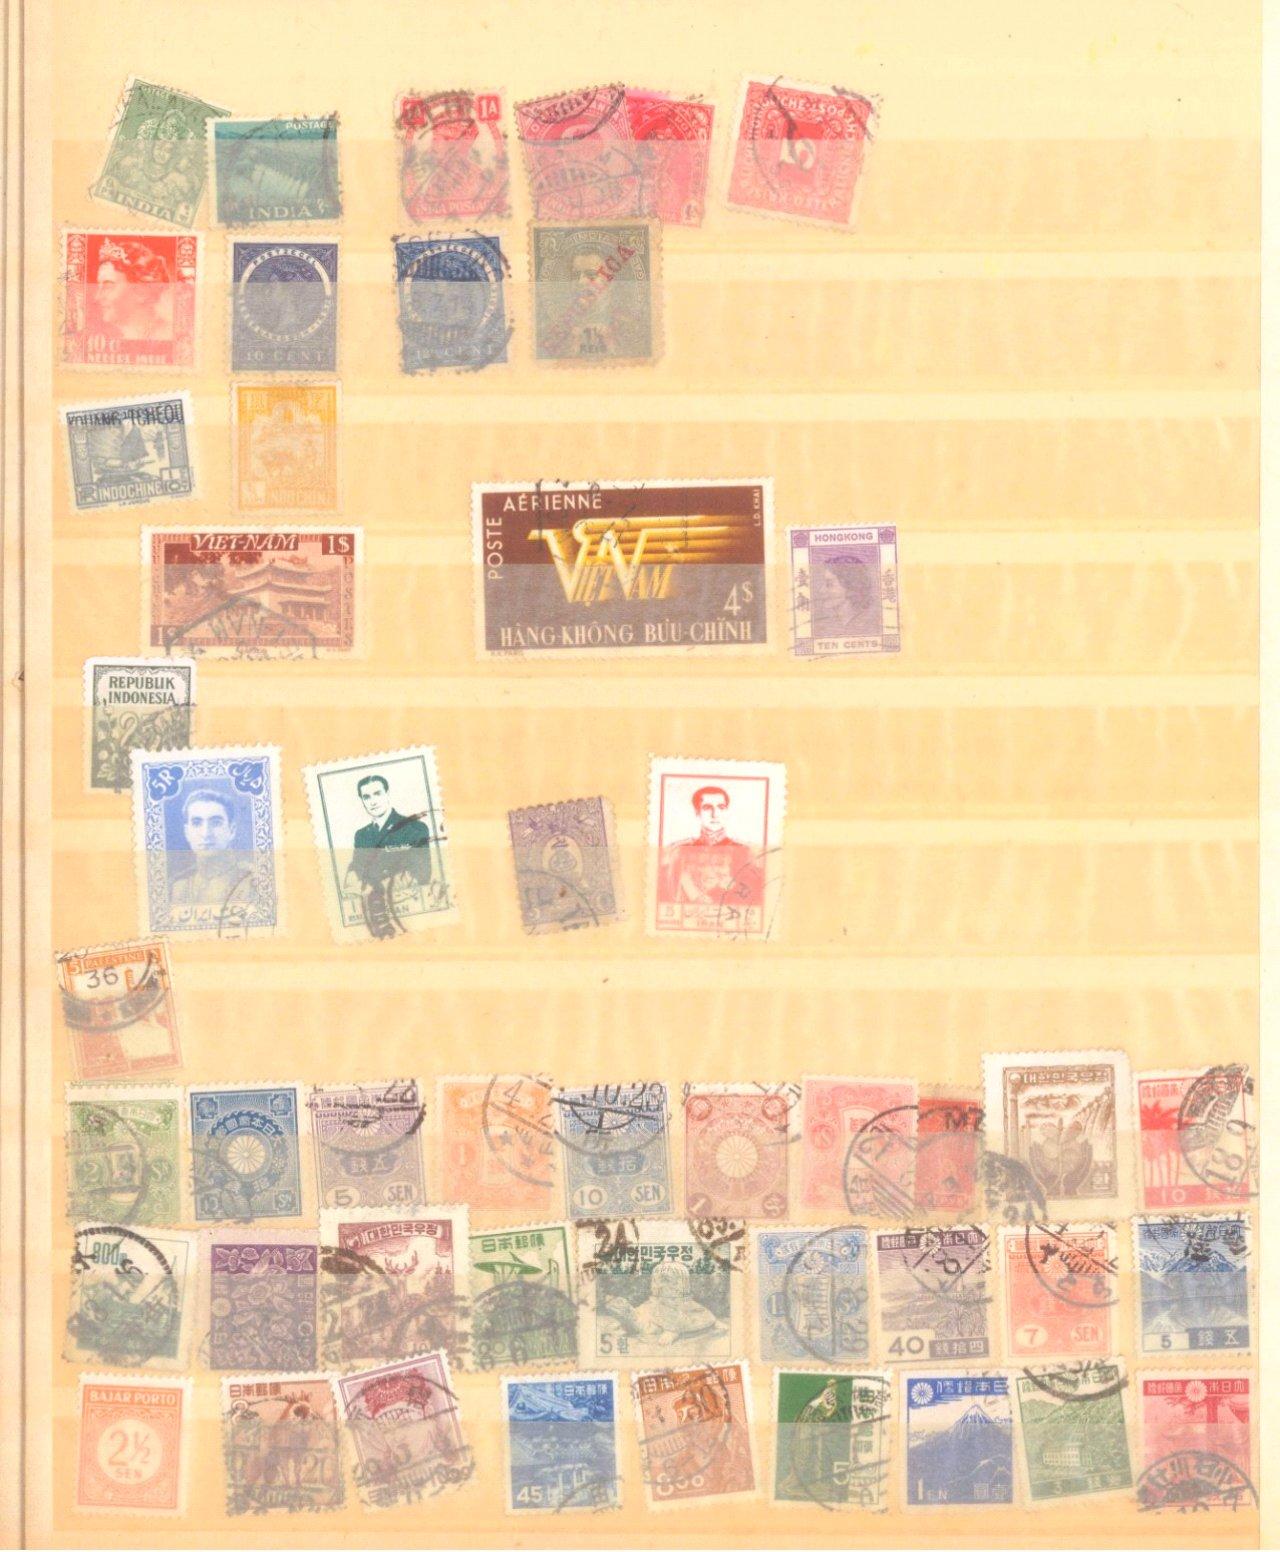 Buntes Sammelsurium, auch China, Deutsches Reich-1